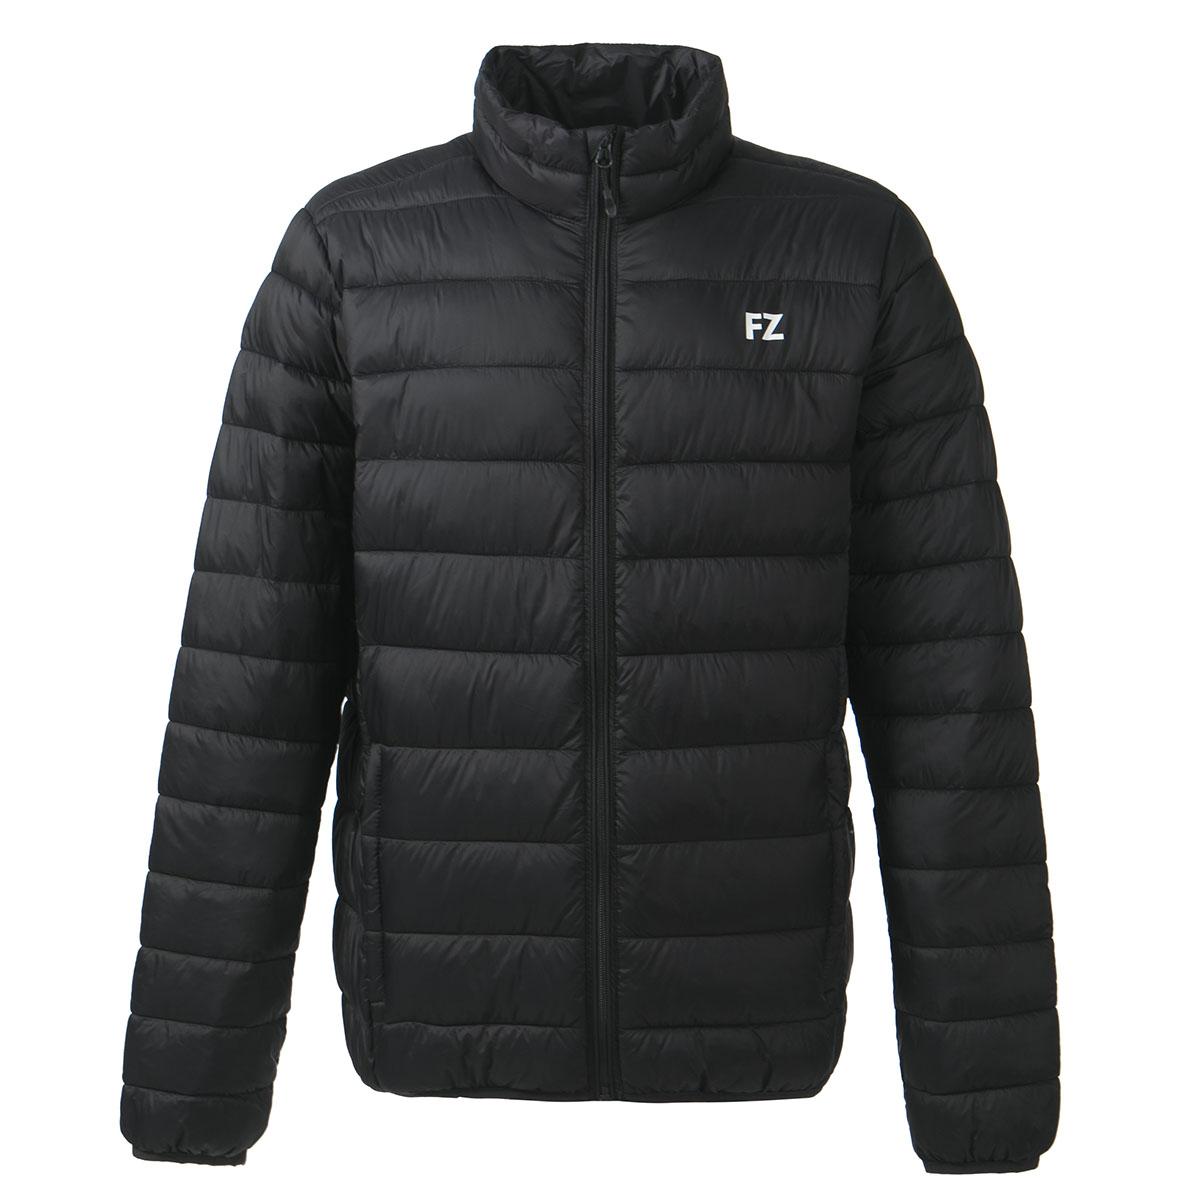 FZ Sinos M Pro-lite jacket